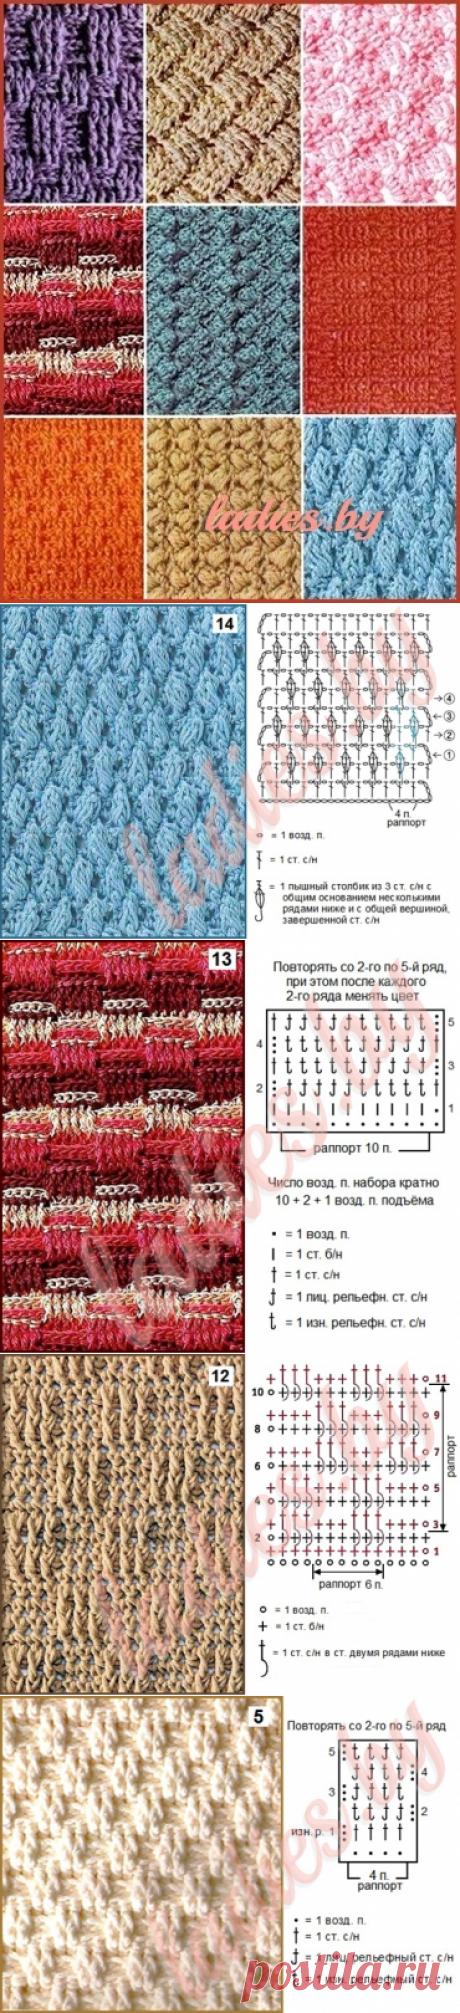 Плетеные рельефные узоры крючком